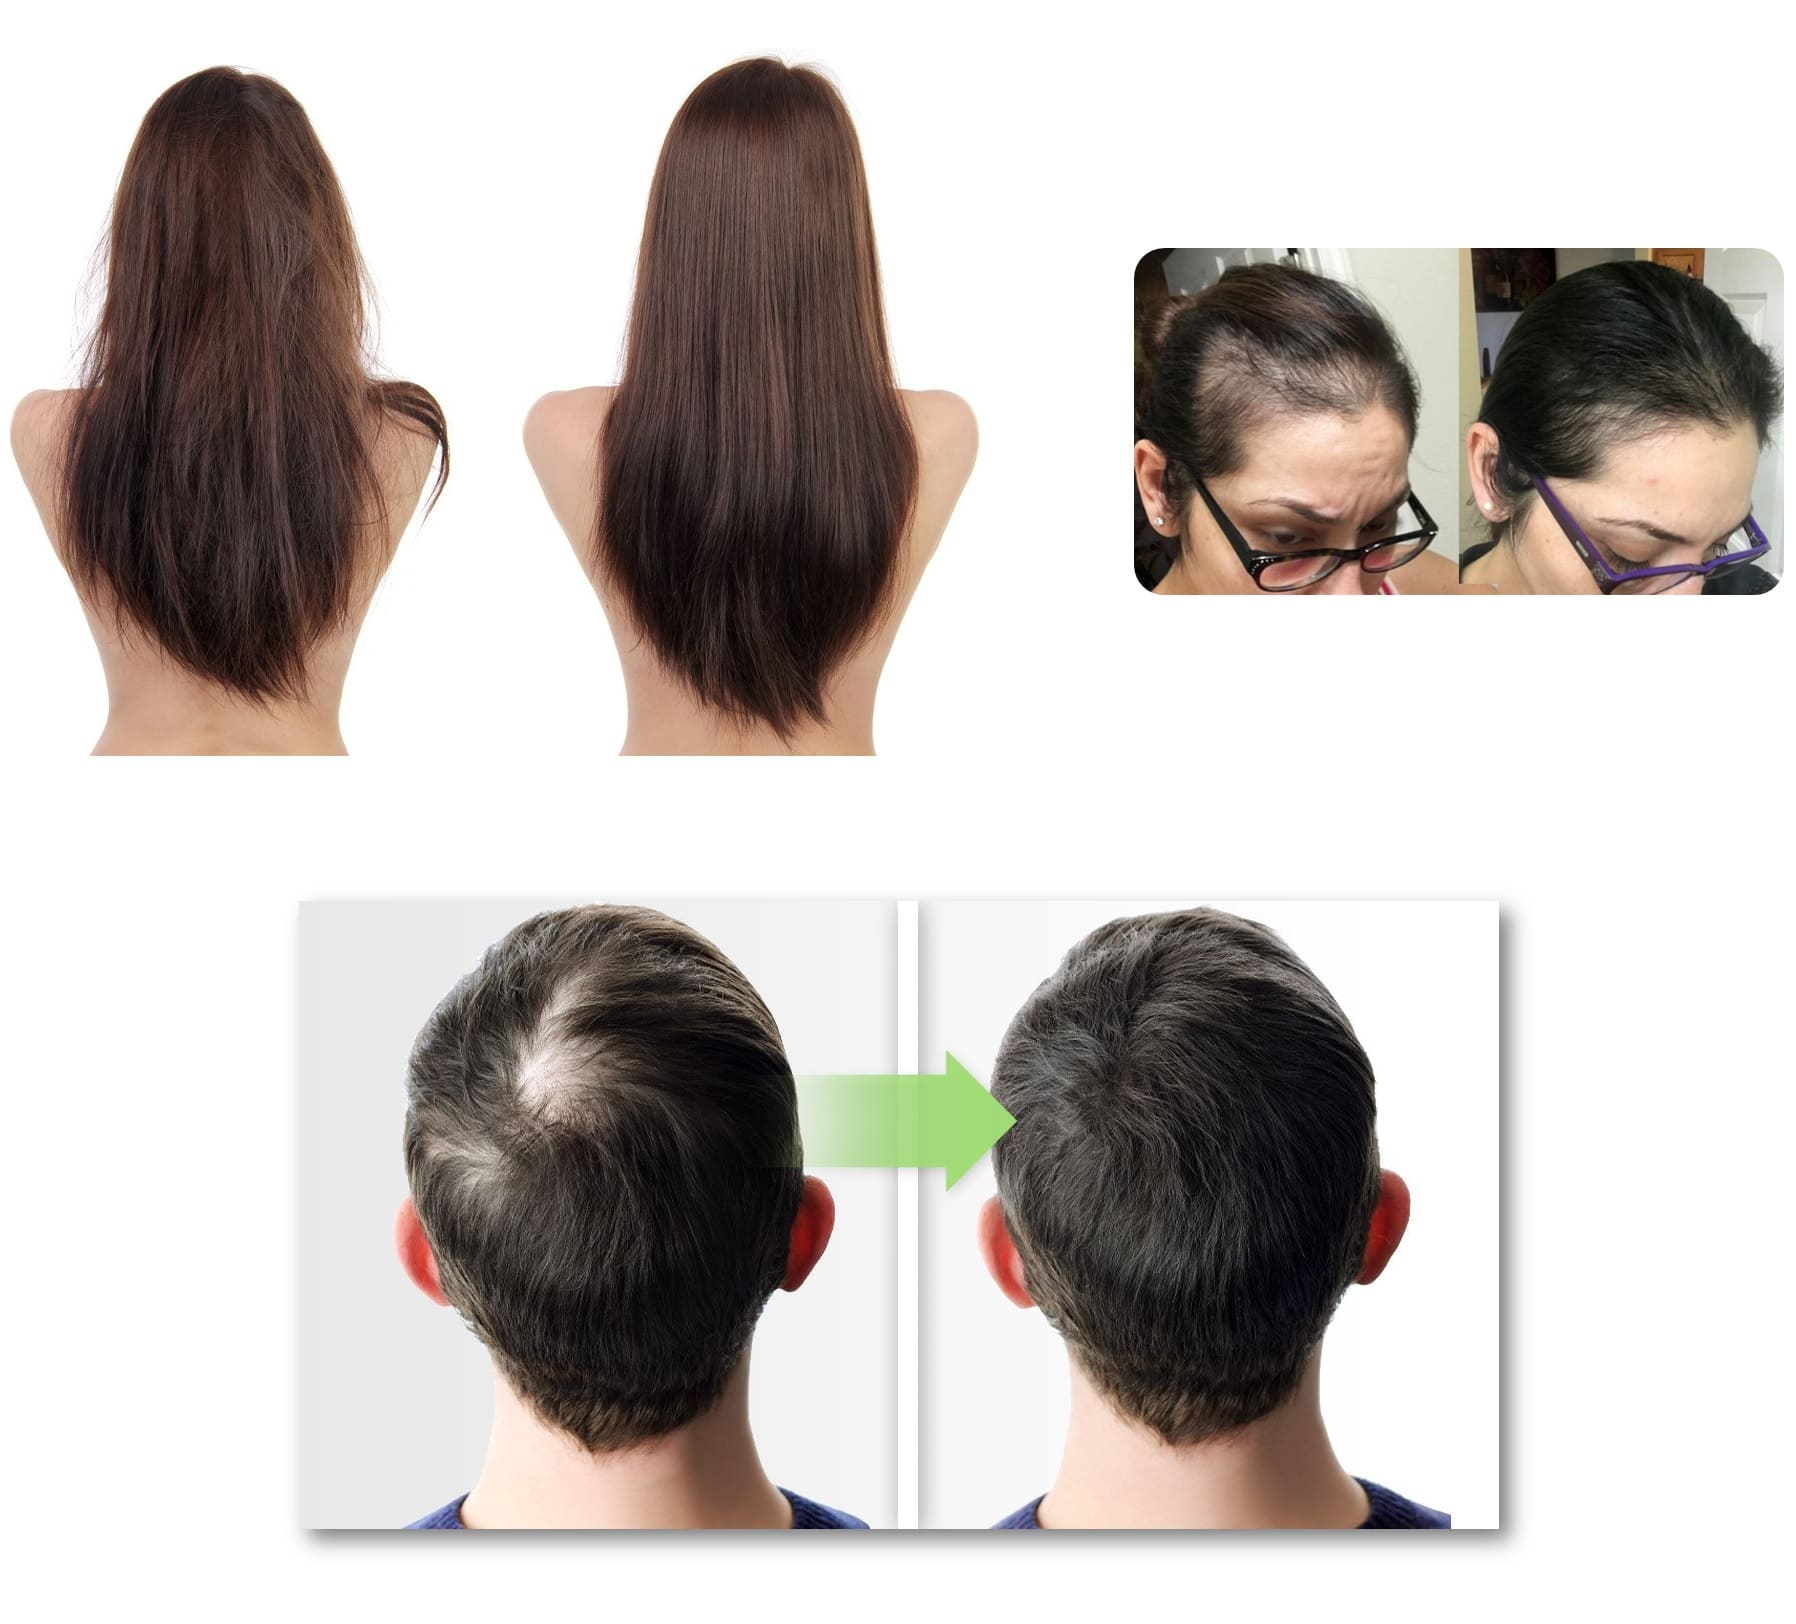 Aceite natural ricino crecimiento cabello, pelo pestañas, uñas y barba